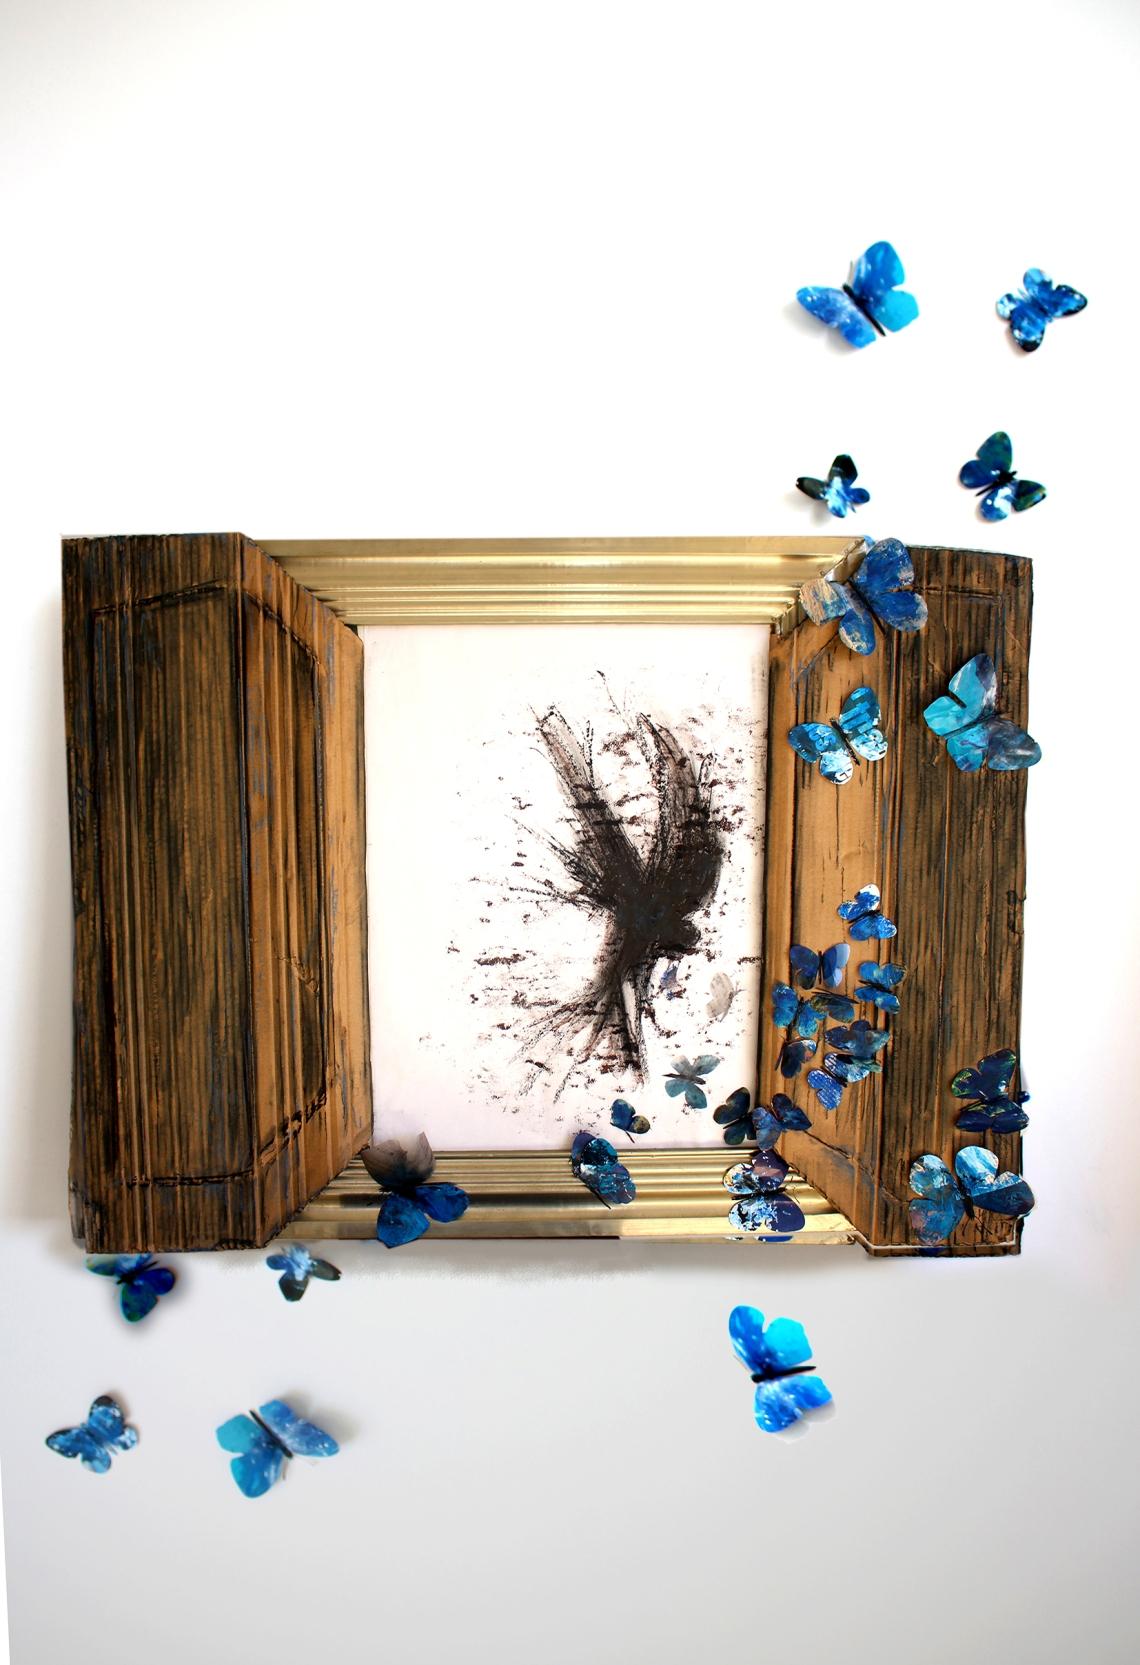 papilllons-bleus-montage